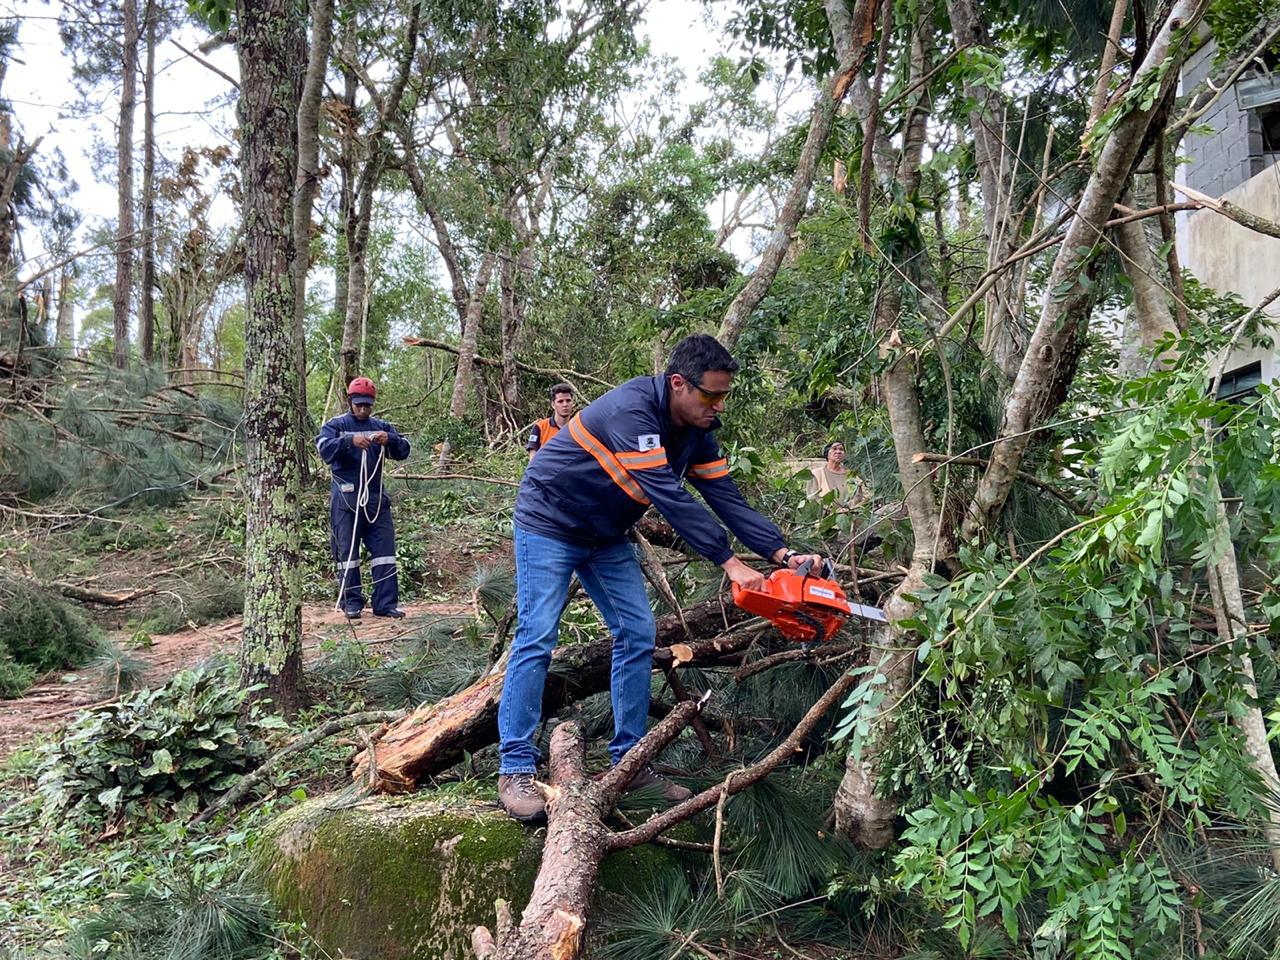 Defesa Civil recebeu mais de 50 chamados de emergência, na tarde desta quarta-feira (27/11)